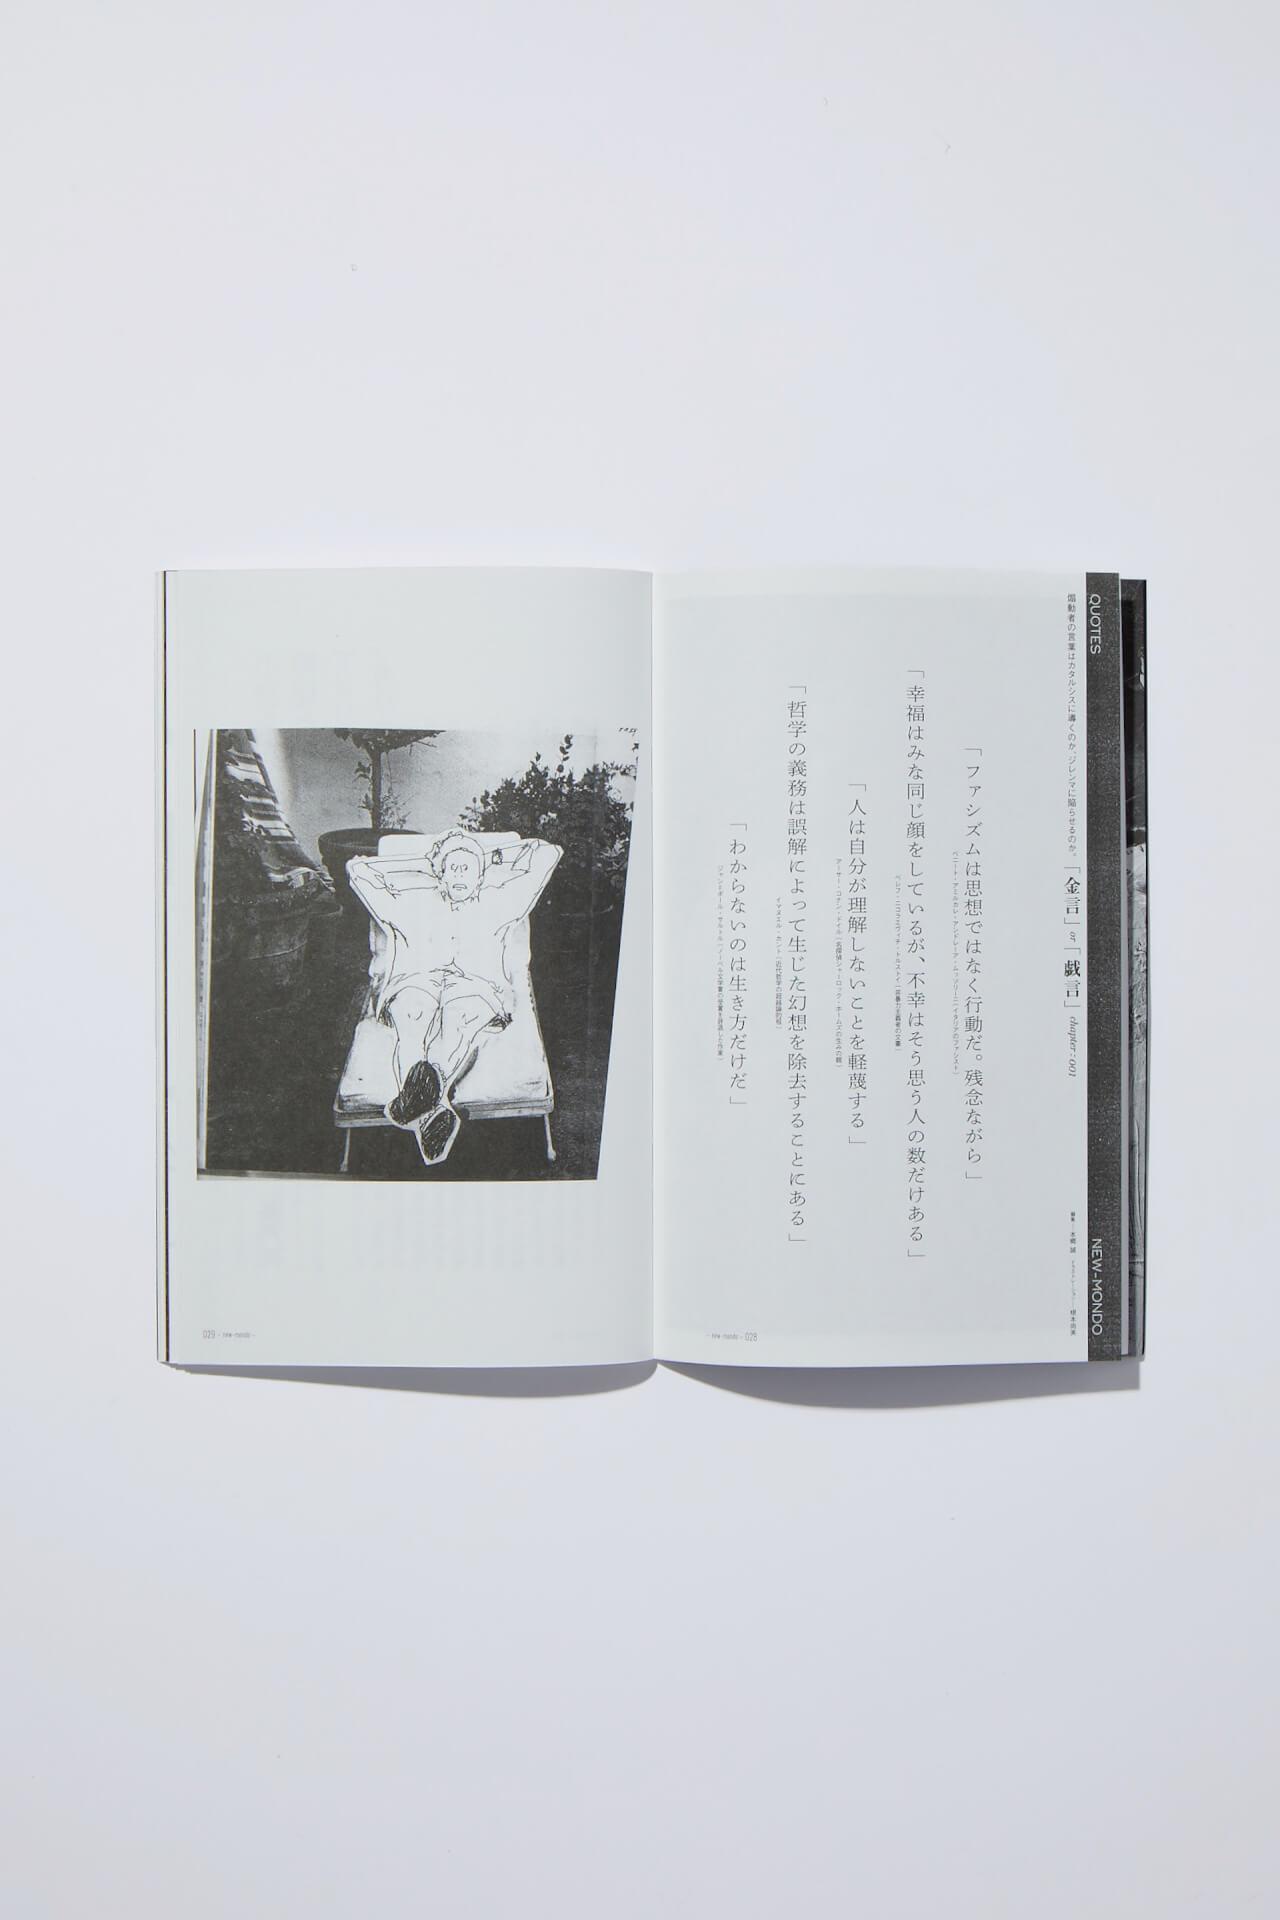 サイバーロマンティック文芸誌『new-mondo magazine』第2号が発売中!カワグチジン、黒柳勝喜、下津光史らが参加 art210511_new-mondo-210511_7